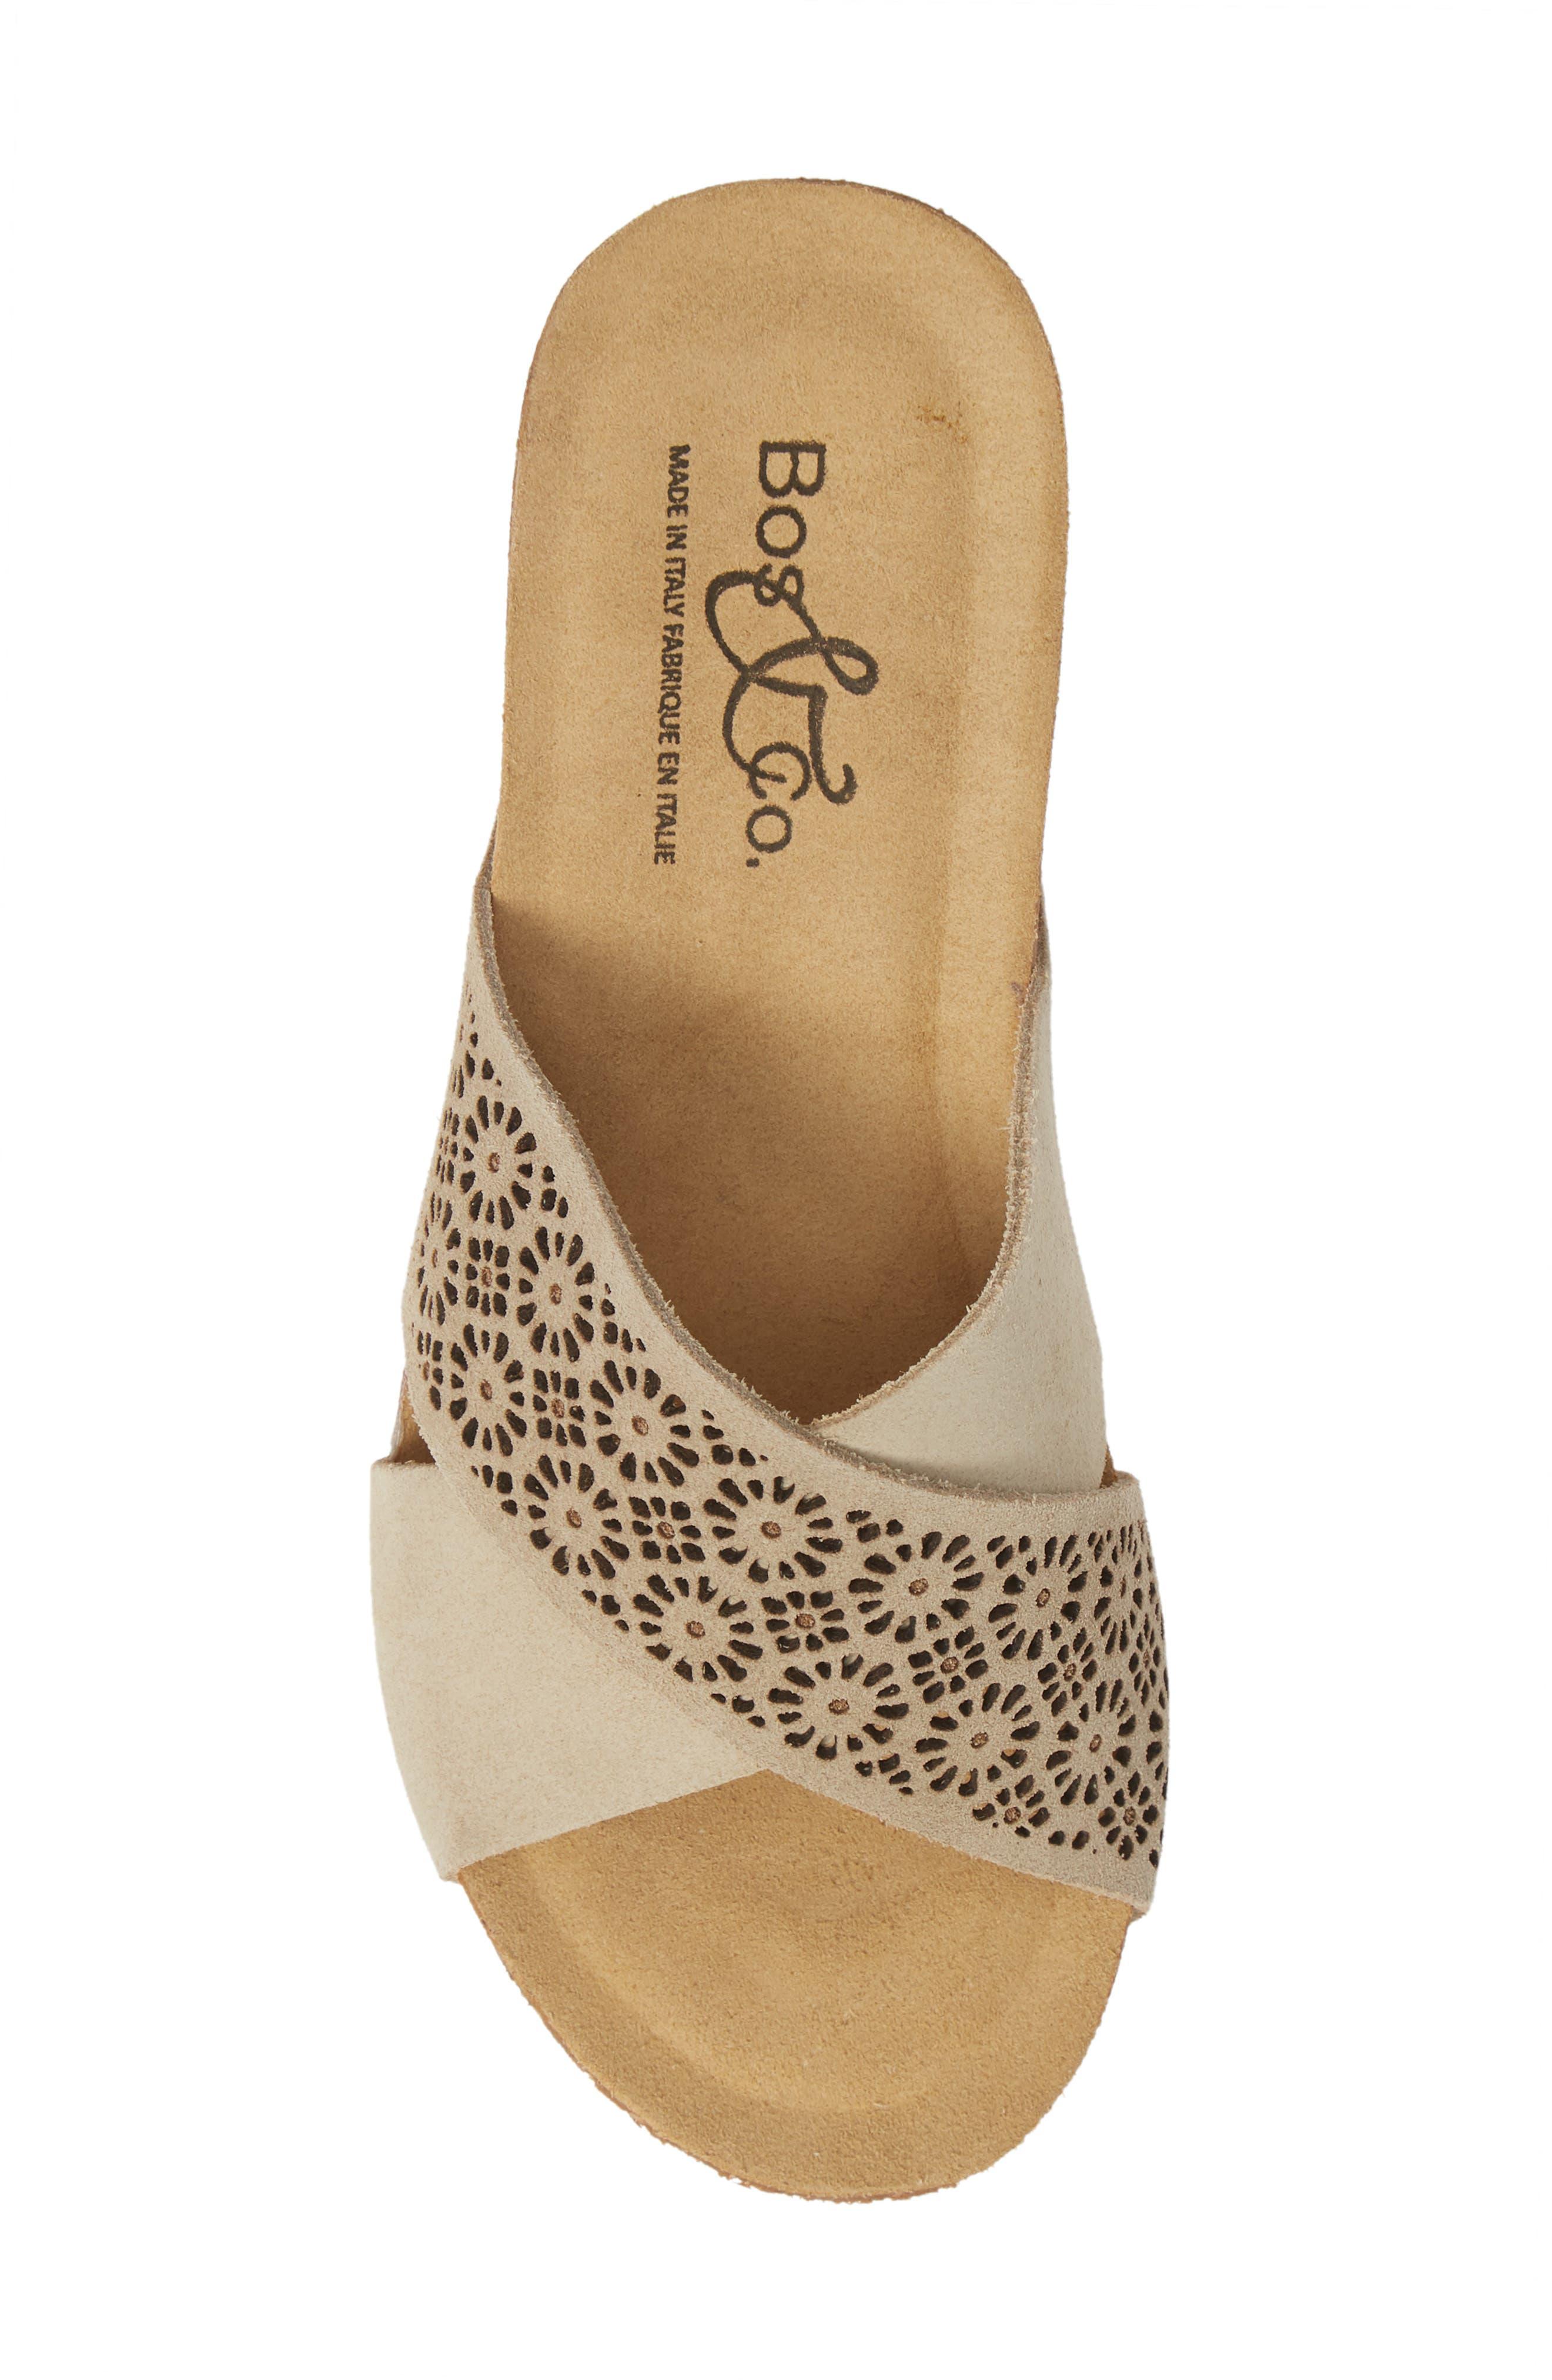 Lomi Platform Wedge Slide Sandal,                             Alternate thumbnail 5, color,                             BEIGE SUEDE